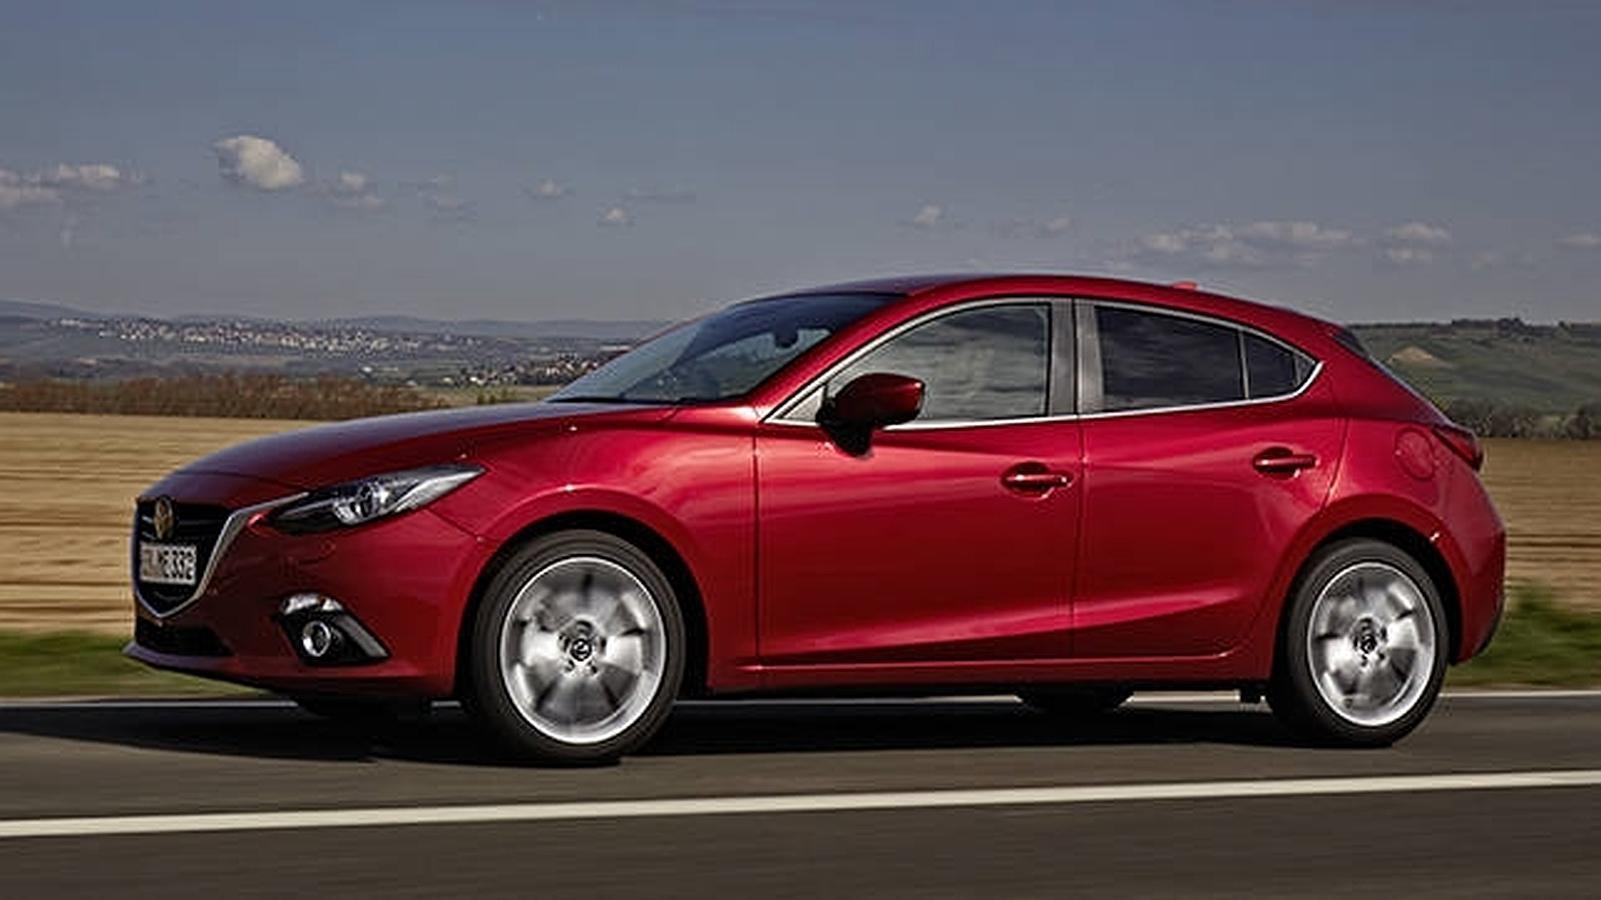 Vista lateral del nuevo Mazda3 1.5 SKYACTIV-D